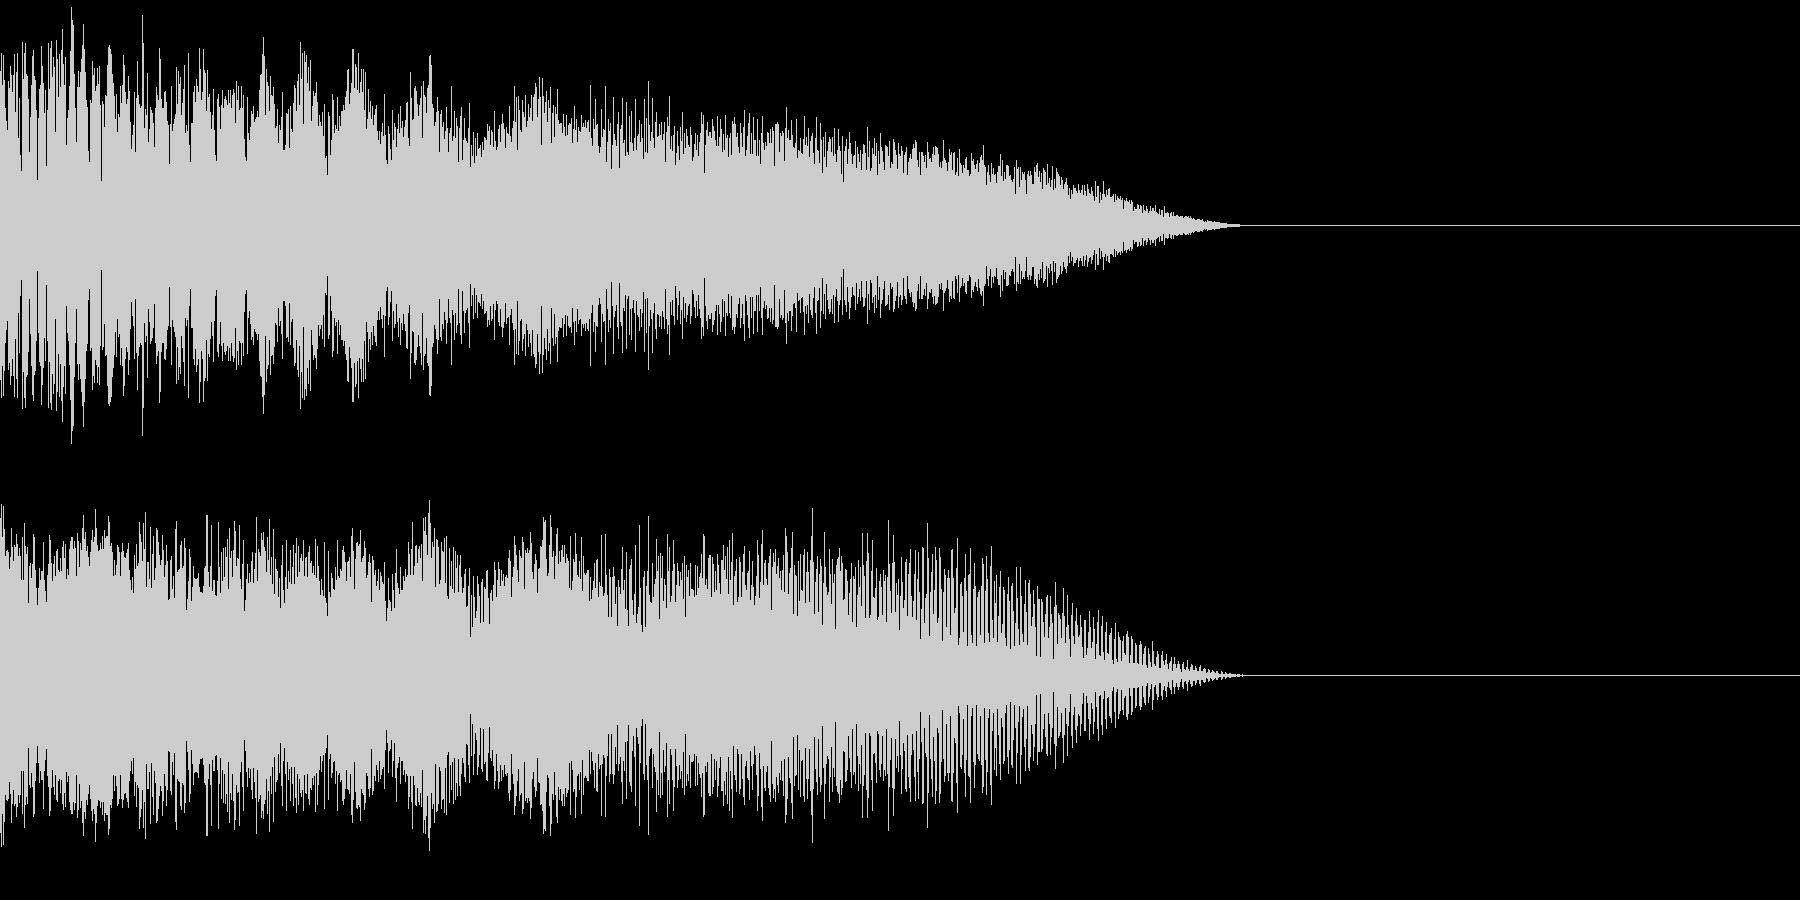 ビーム音02の未再生の波形